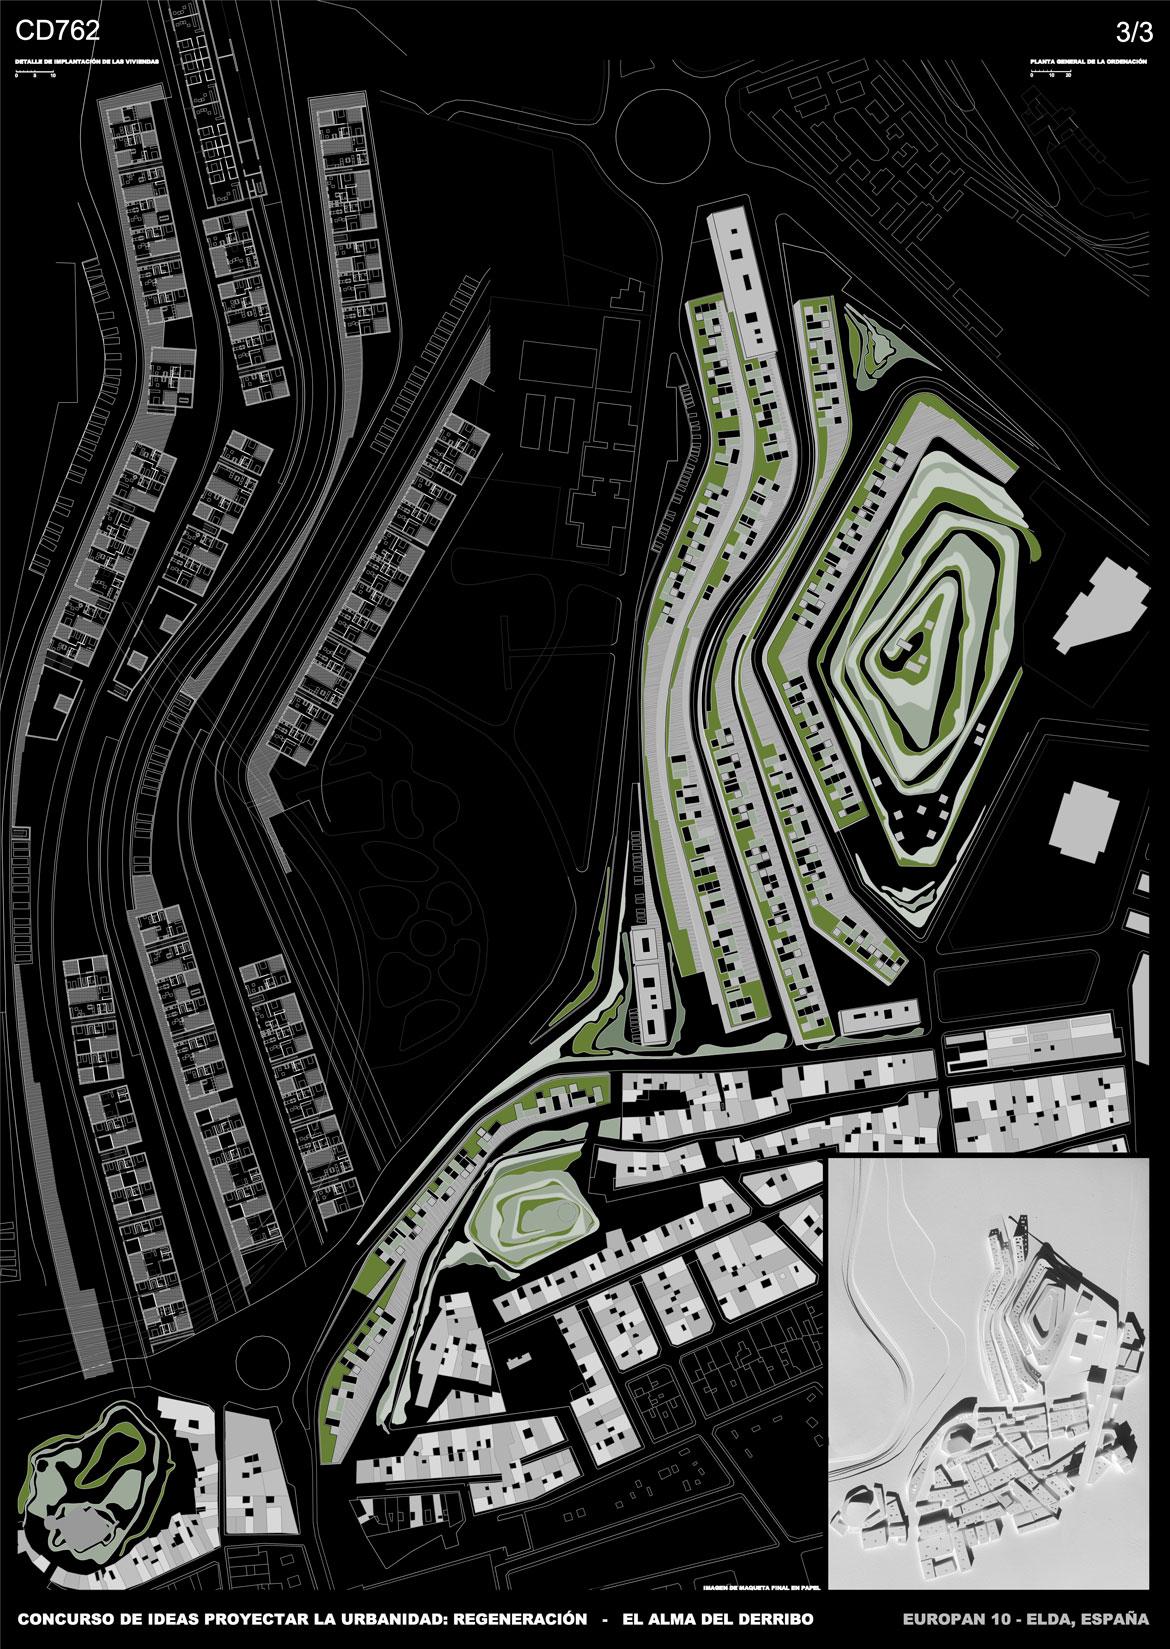 Concurso de ideas proyectar la urbanidad - Panel 3